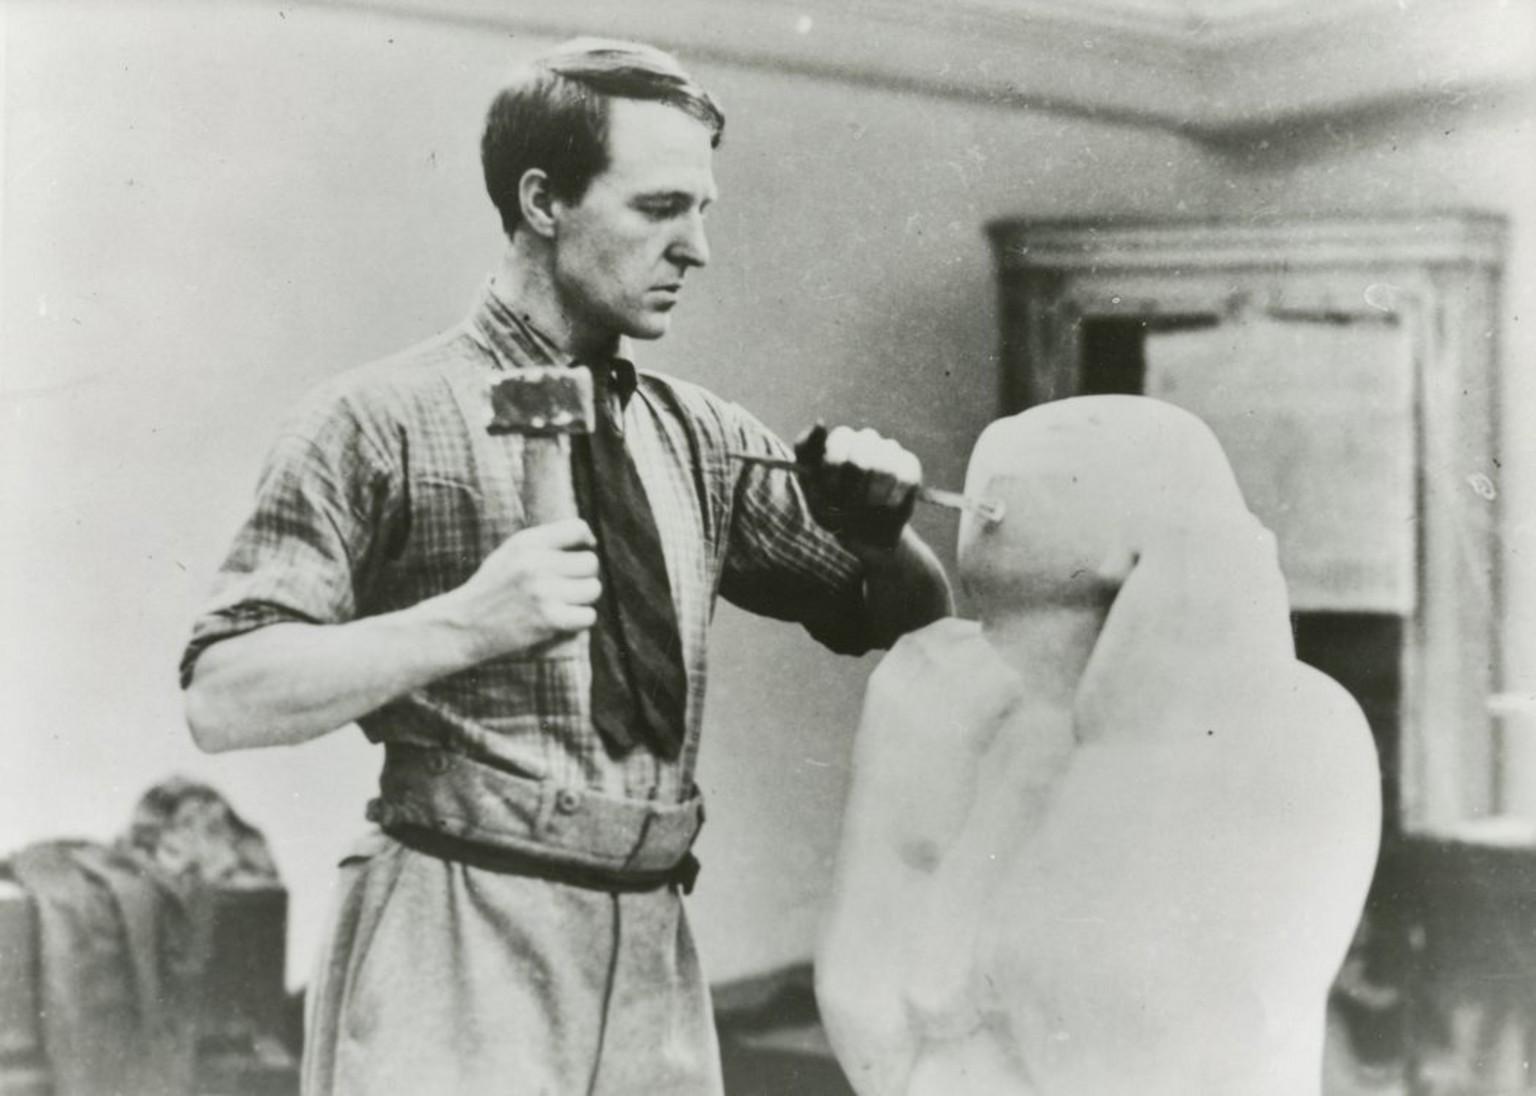 Photographie de Henry Moore en train de tailler la pierre dans les studios Grove, au numéro 3, à Hammersmith, 1927 © The Henry Moore Foundation